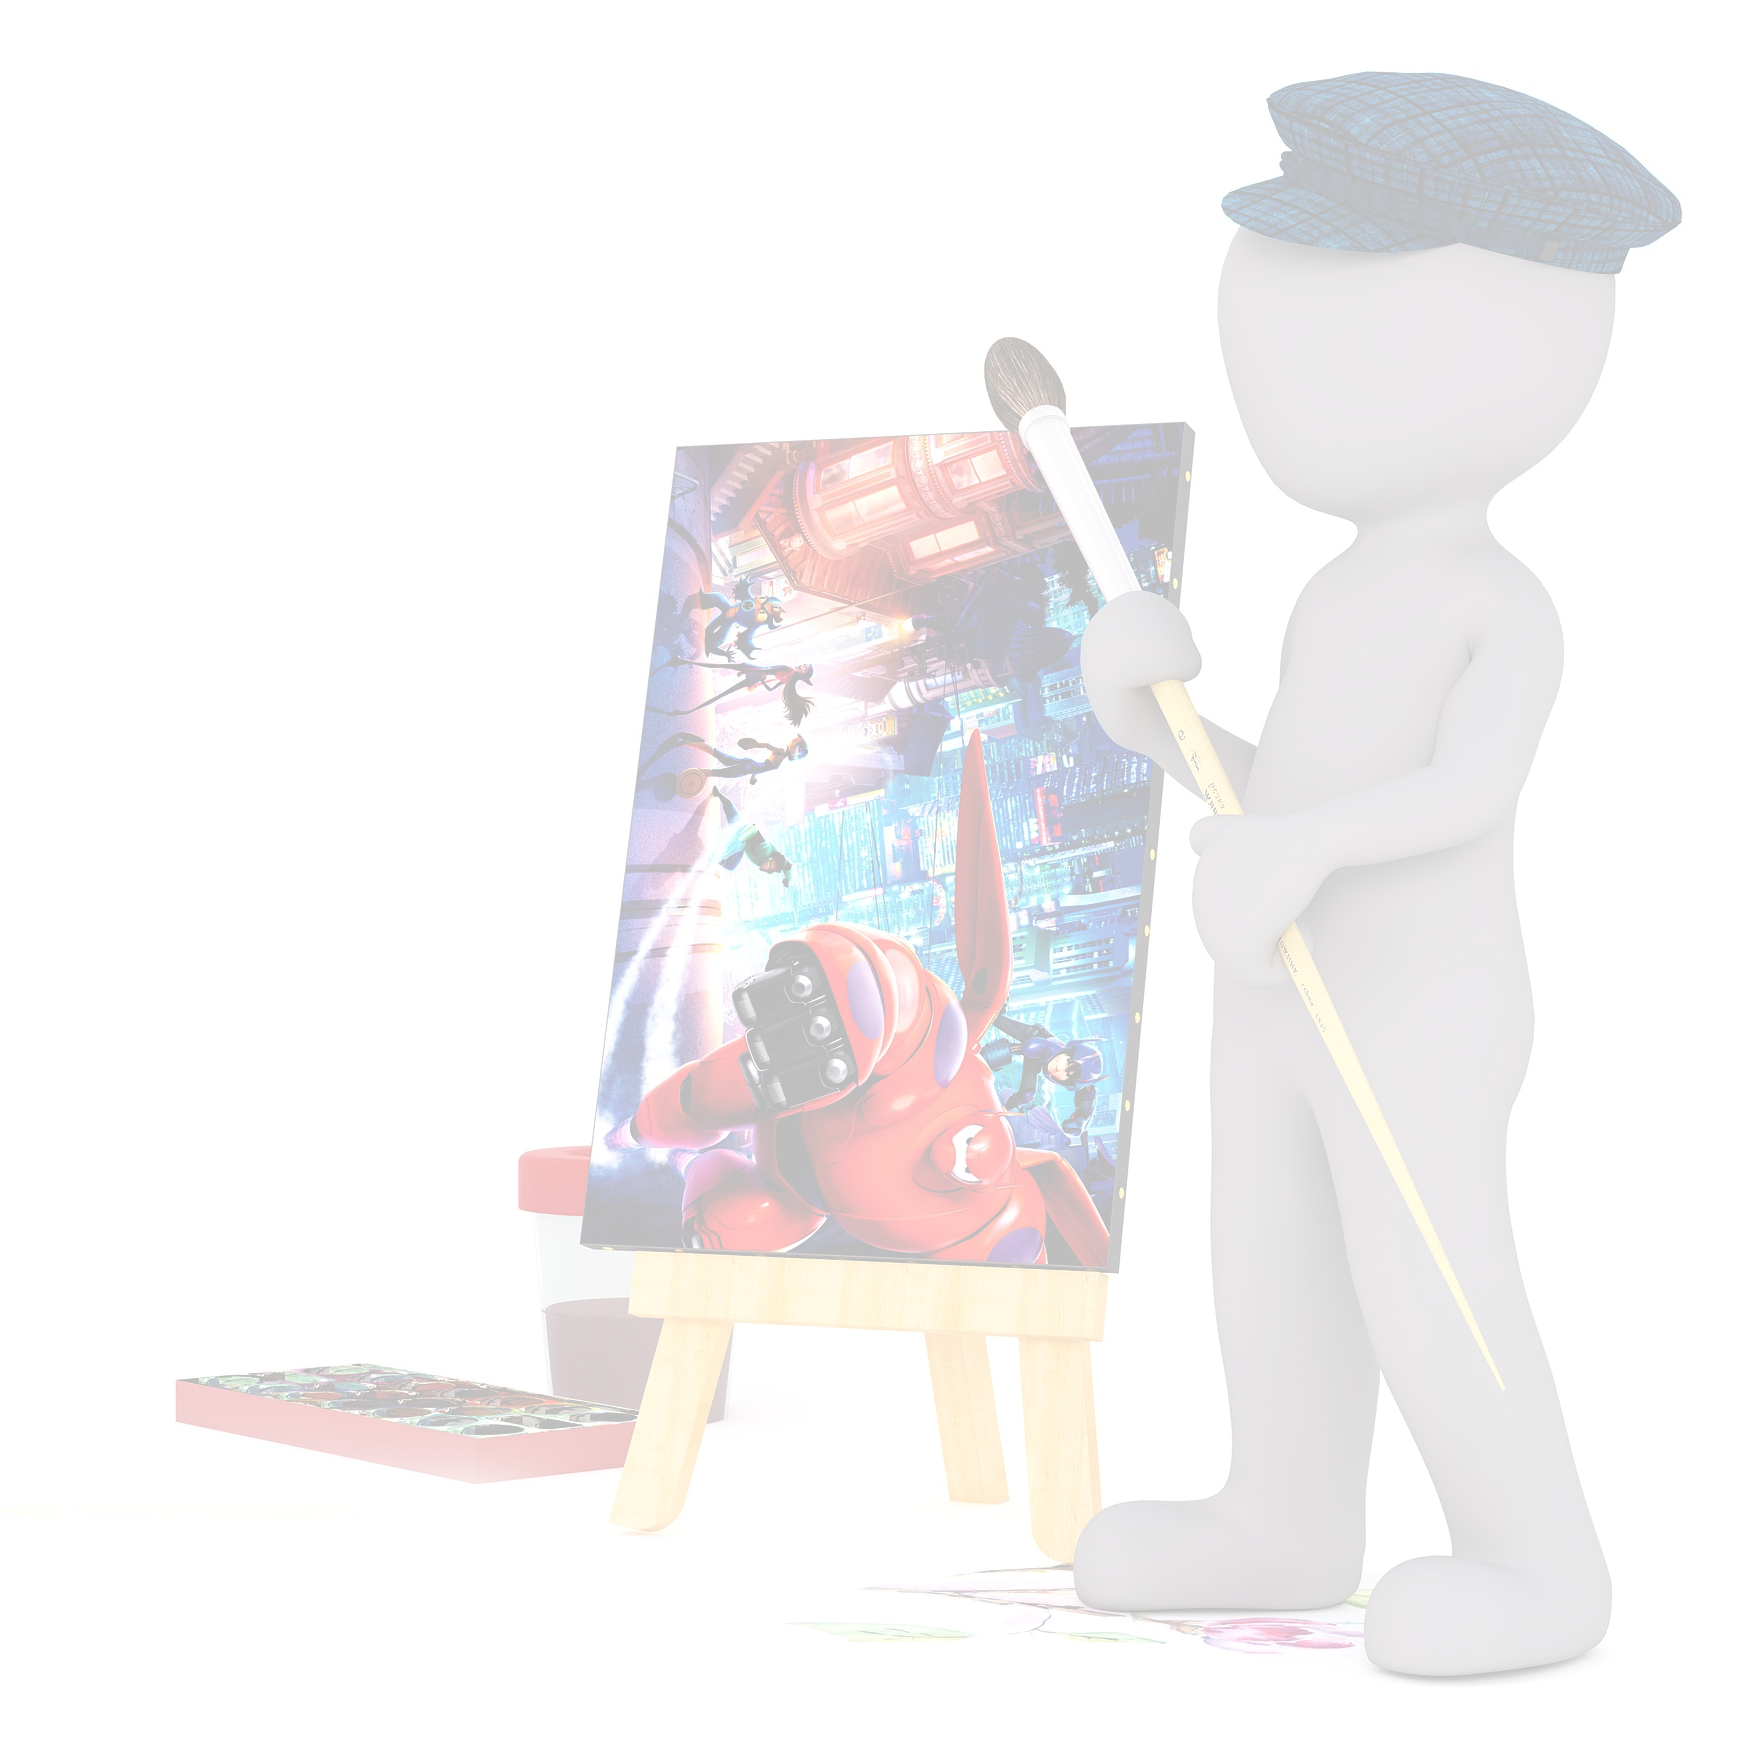 Grafik: Maler